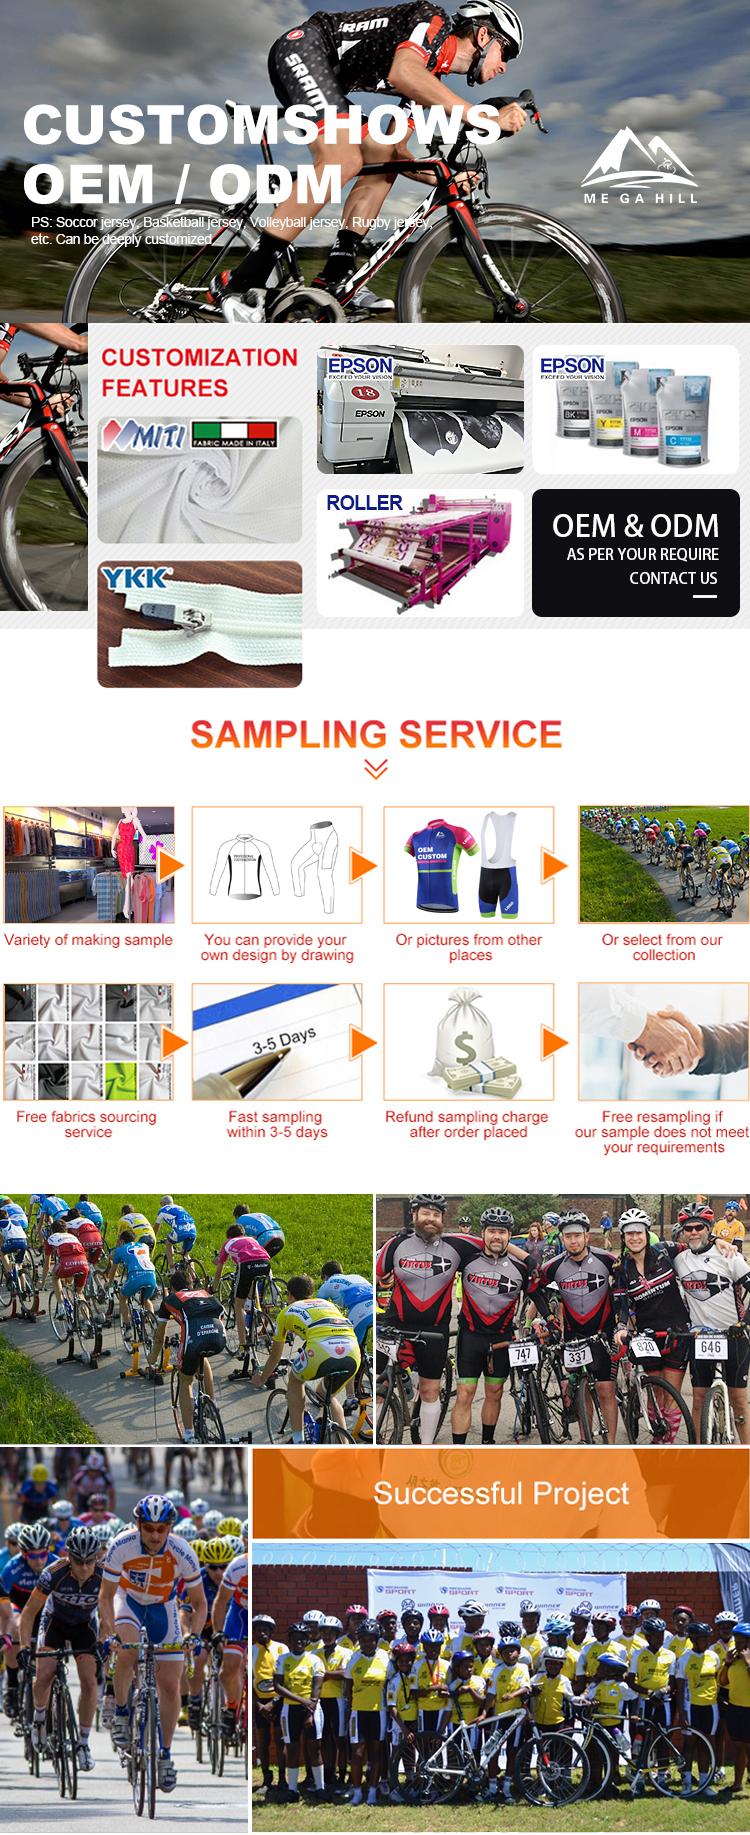 MEGAHILL usine vente en gros vêtements de cyclisme respirants vêtements de cyclisme rapide à sec